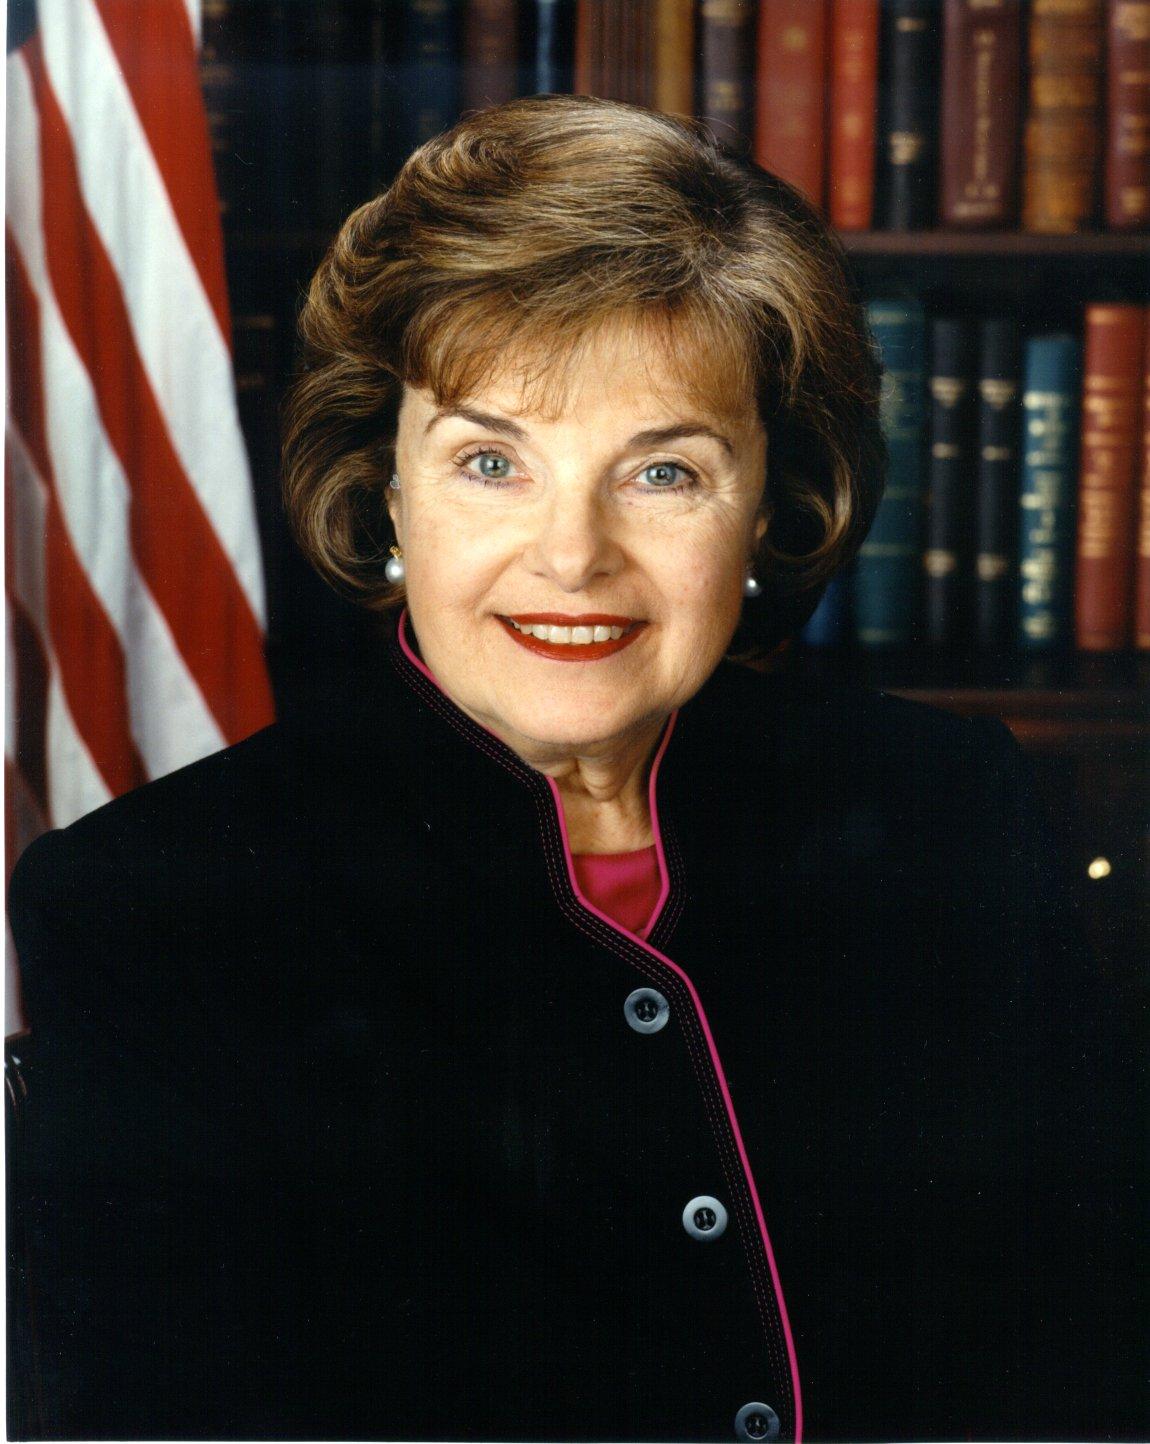 Dianne_Feinstein_congressional_portrait.jpg